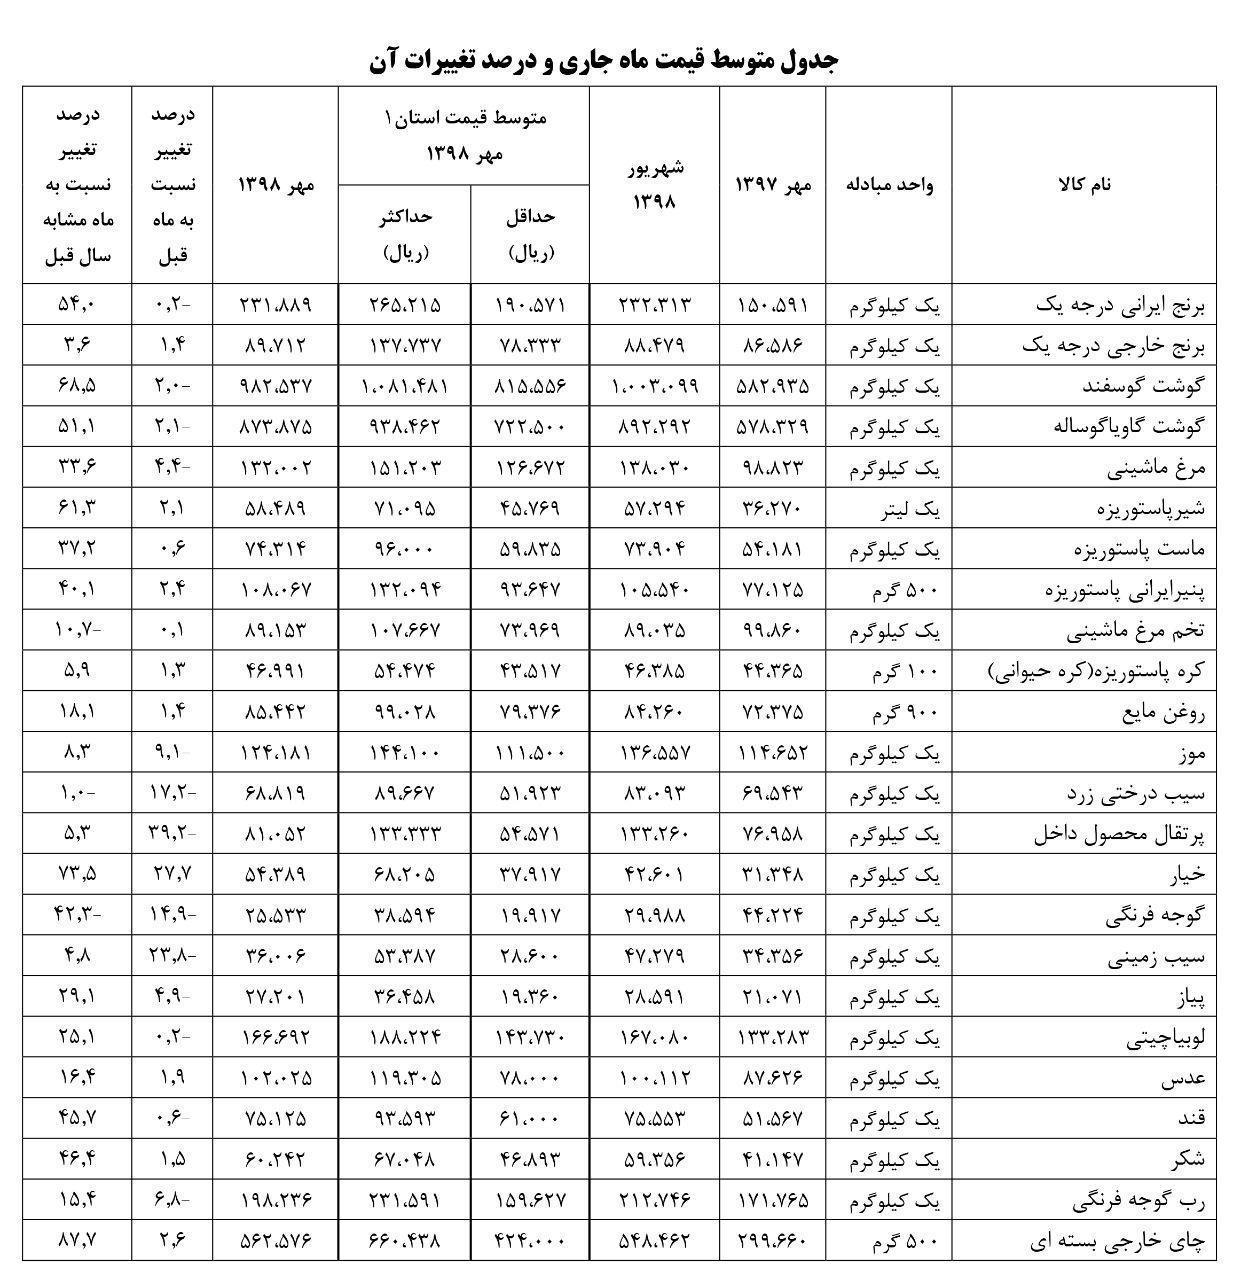 آخرین تغییرات قیمتی اقلام خوراکی در مهر